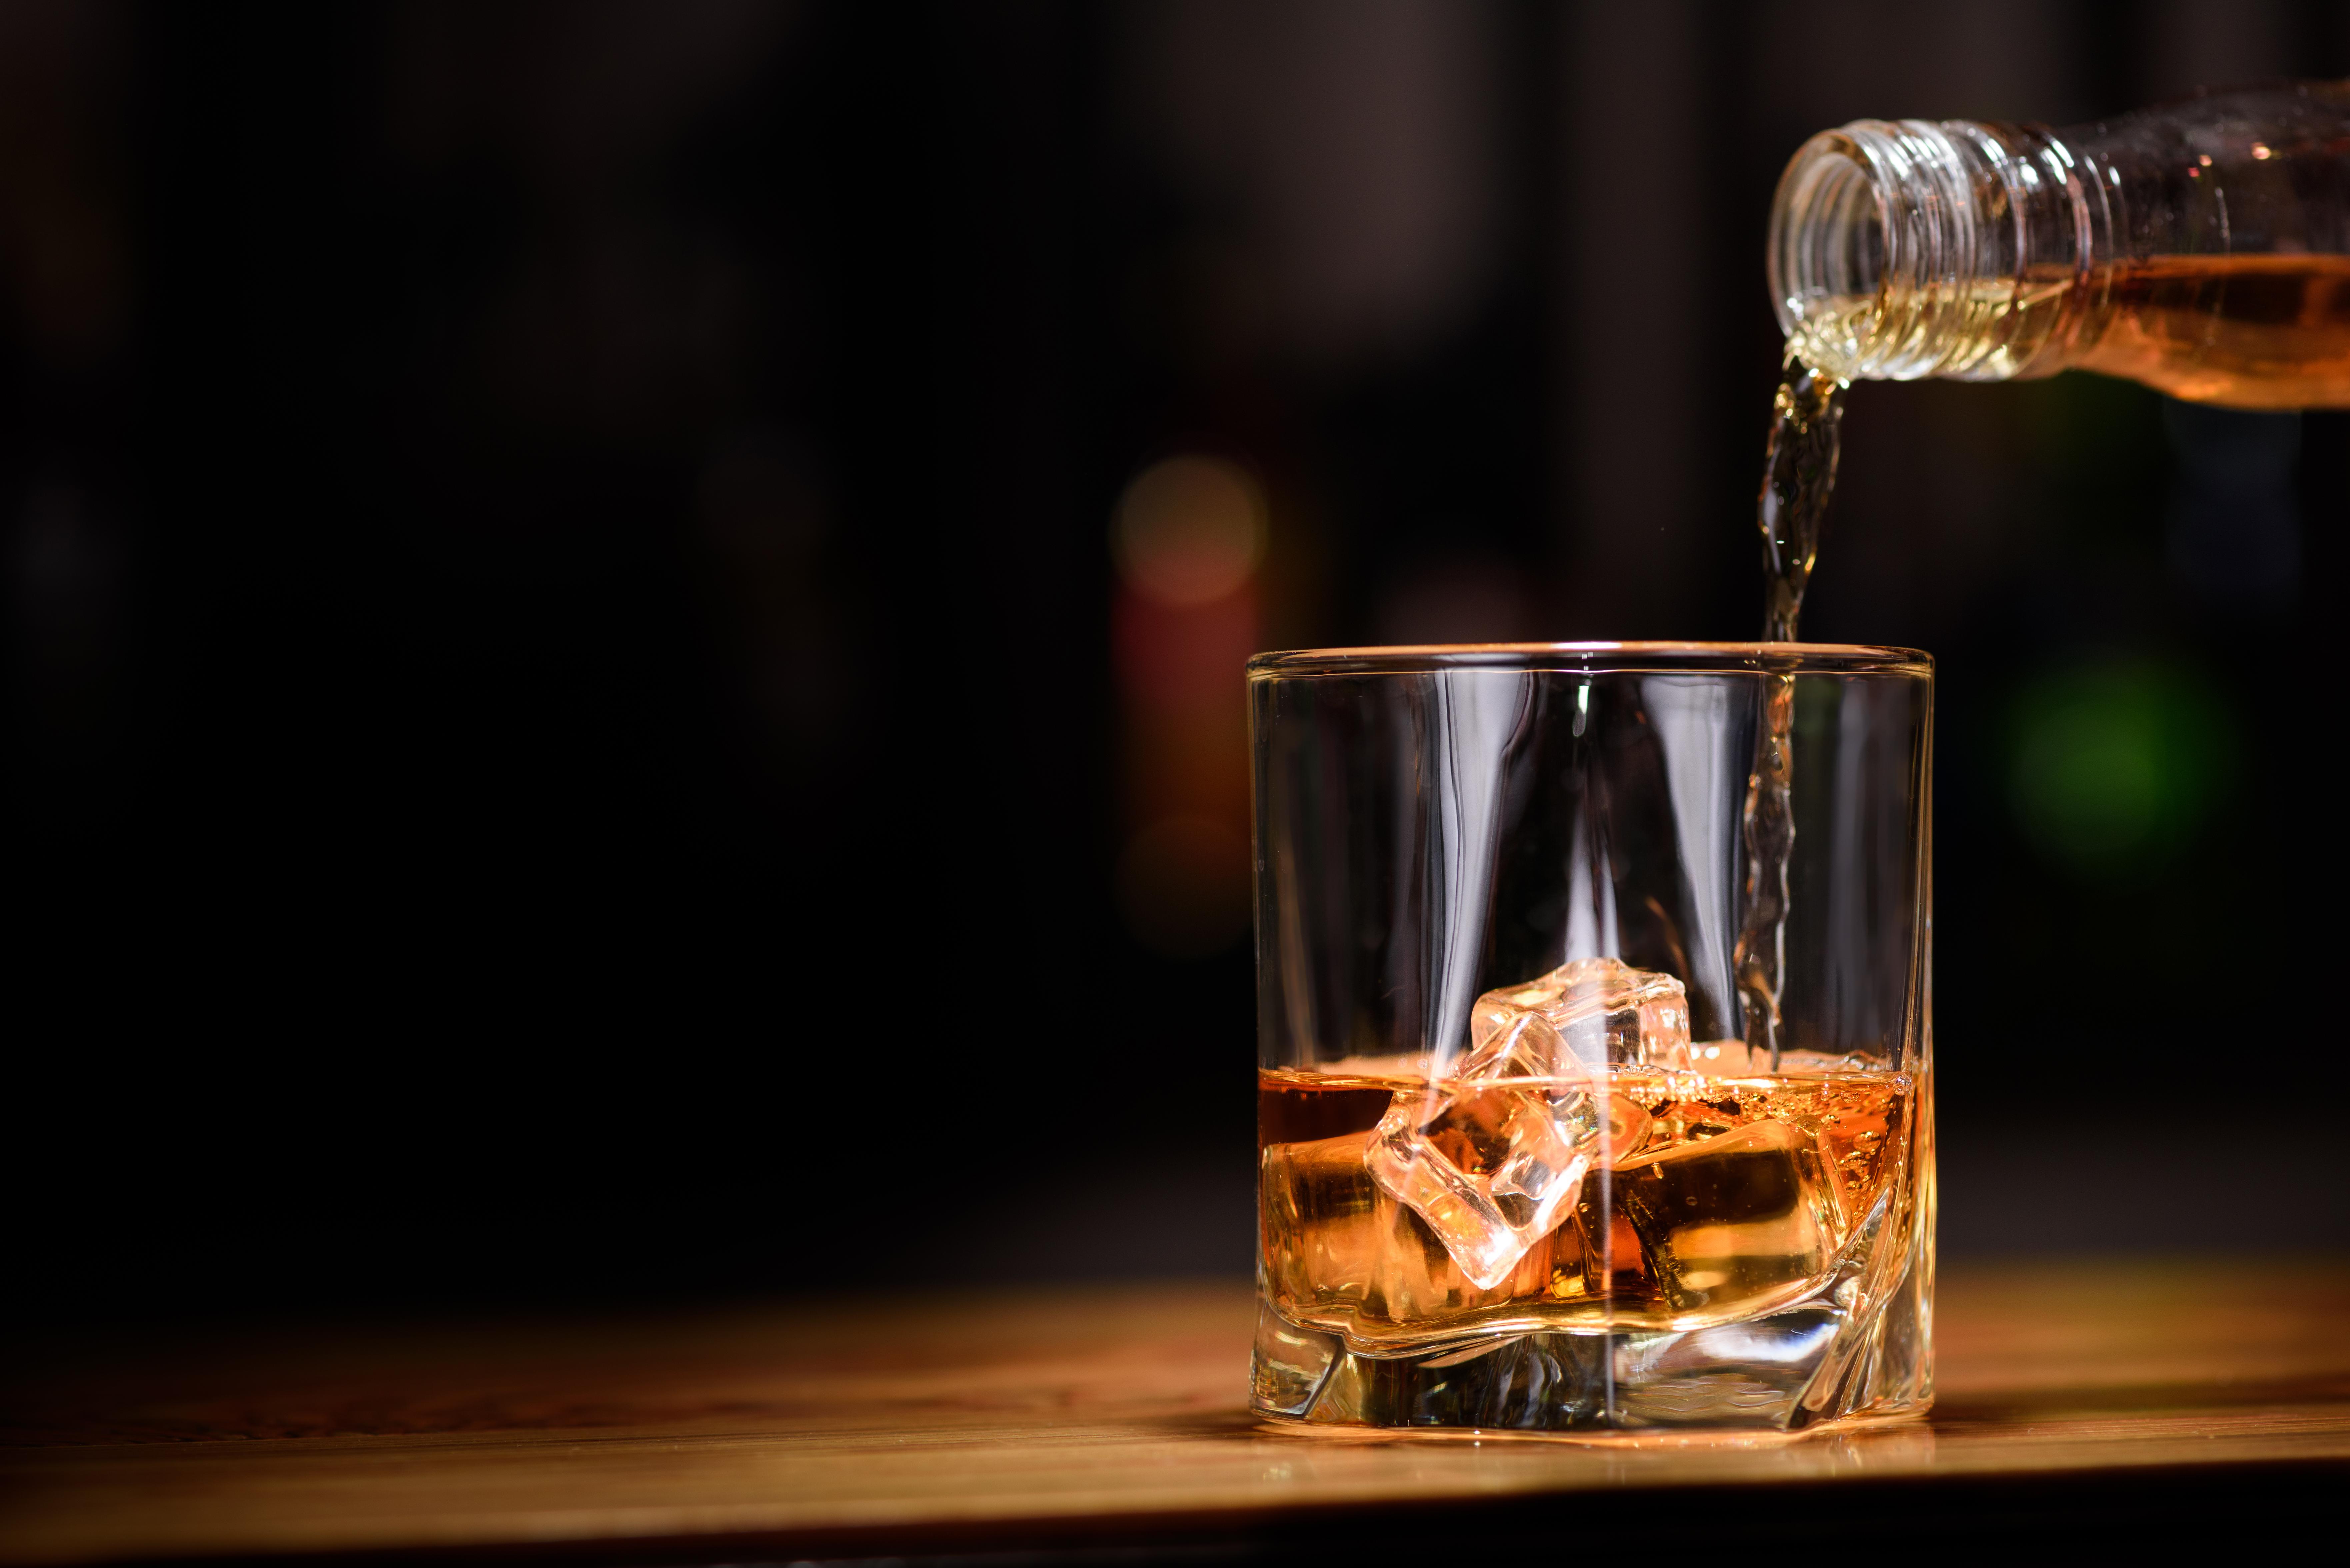 <p>Алкохол Алкохолът е известен със своя релаксиращ ефект. Всъщност много хора споделят, че малко алкохол по време на вечеря им помага да заспиват по-лесно. На практика обаче алкохолът може да намали качеството и продължителността на съня ви. Ето защо, въпреки че алкохолът може да ви помогне да се почувствате по-спокойни или да заспите по-лесно, в зависимост от количеството, което консумирате, той всъщност може да източи енергията ви и на следващата сутрин да се събудите по-малко отпочинали.</p>